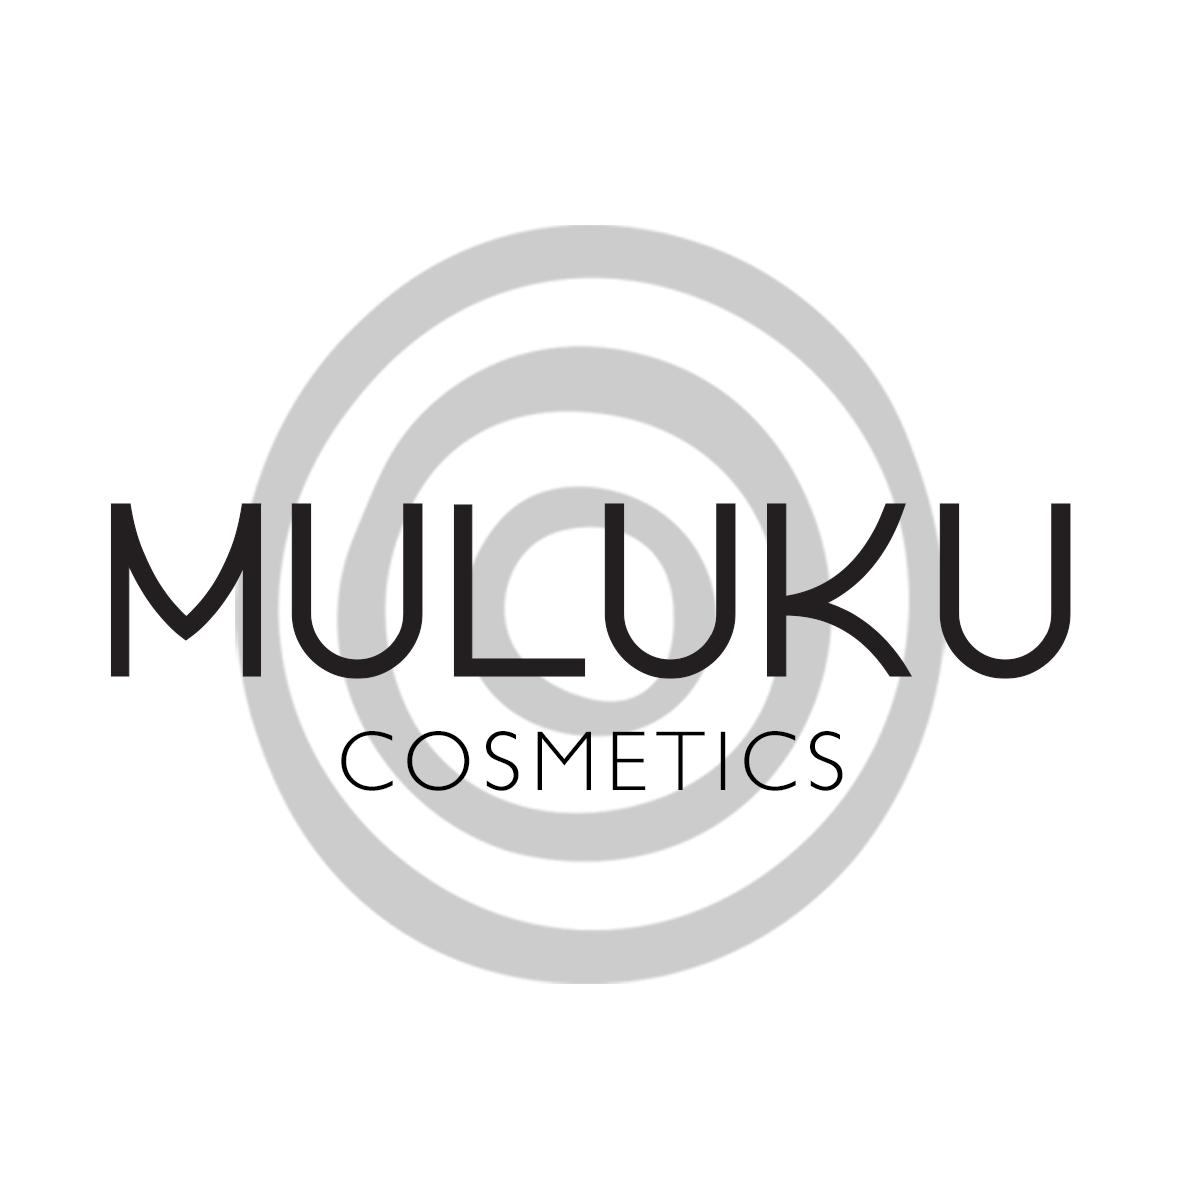 Muluku Cosmetics